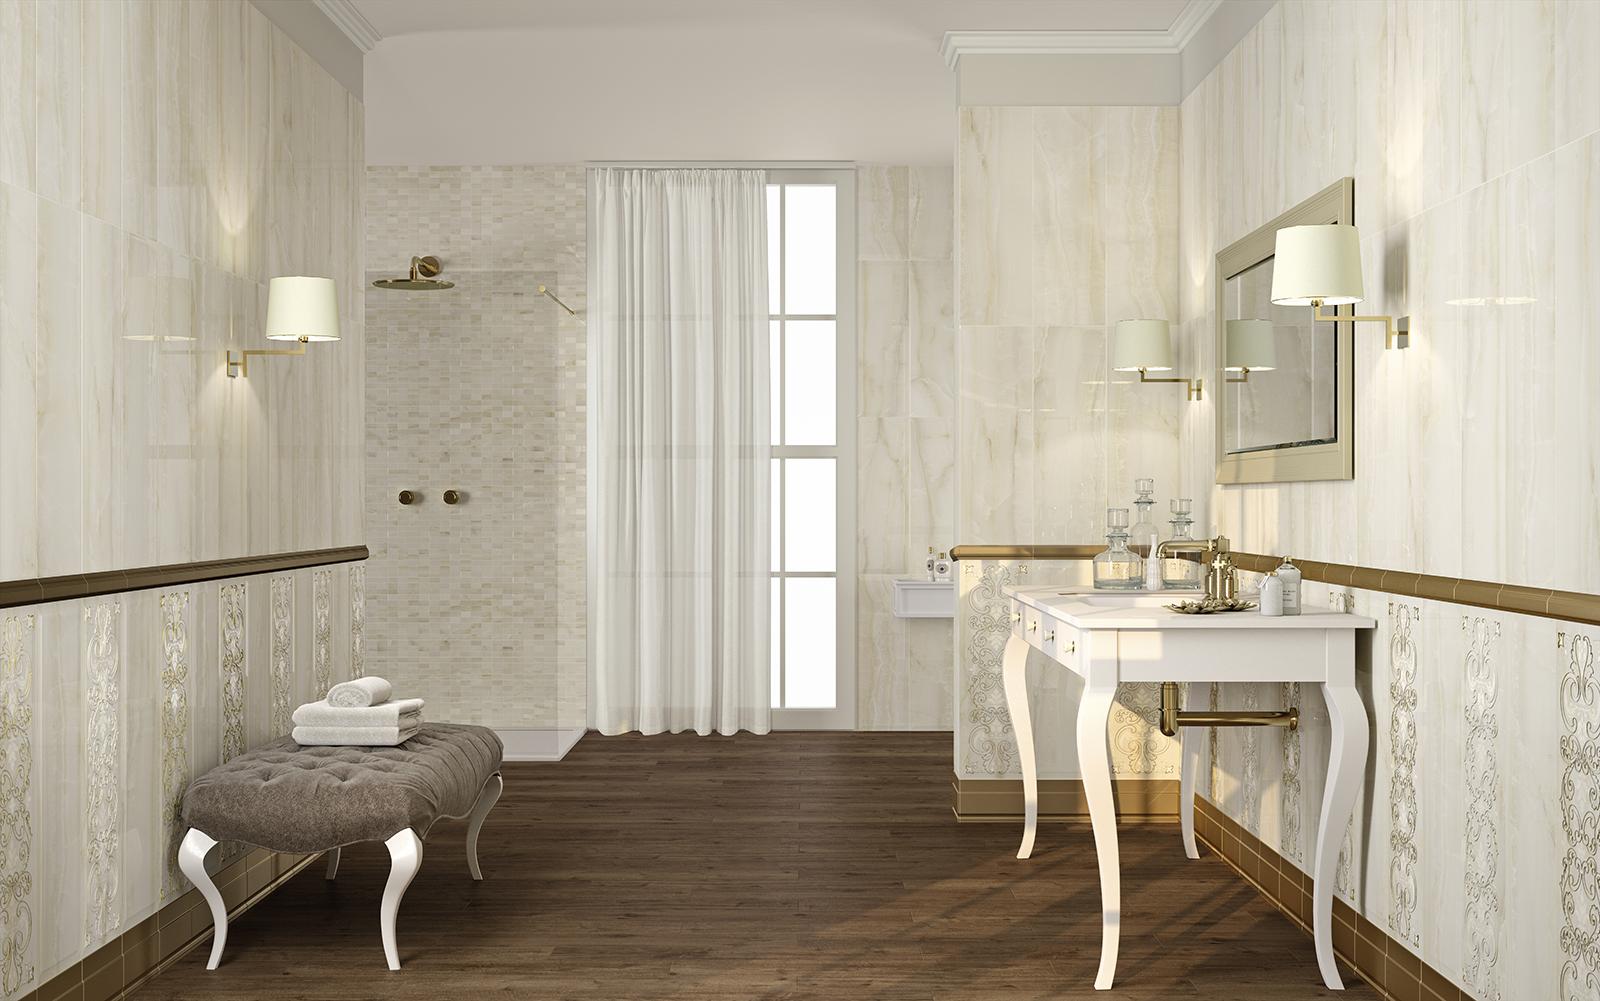 Onix ceramica per bagno effetto marmo marazzi - Una piastrella policroma per rivestimenti ...